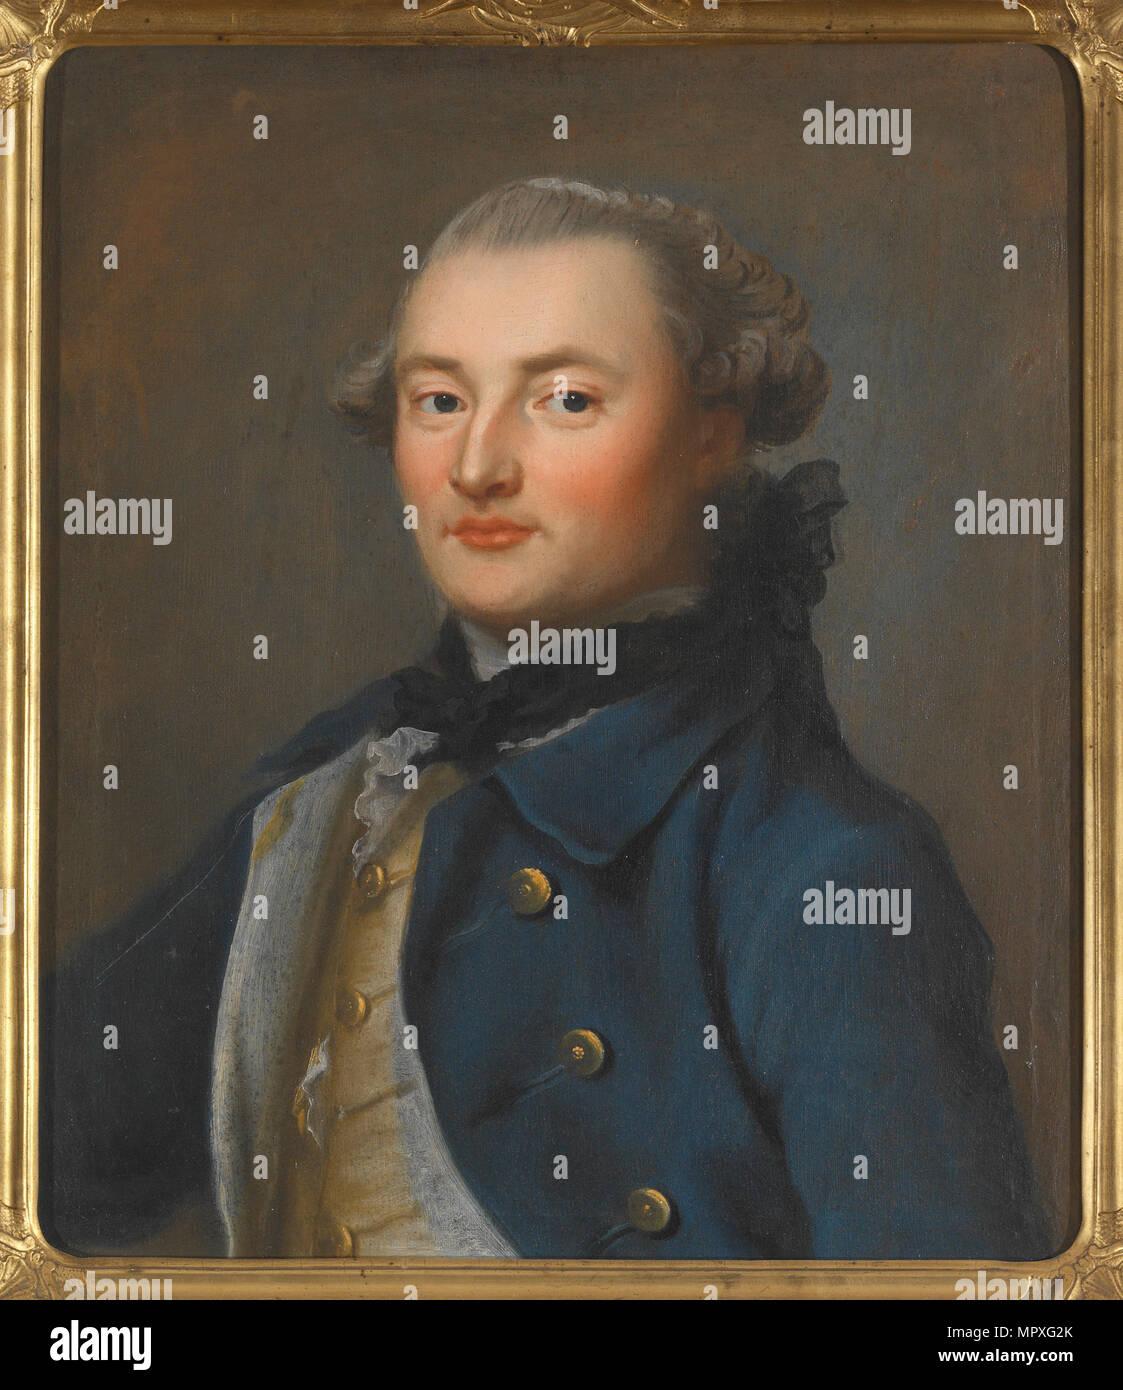 Portrait of Count Georg Magnus Sprengtporten (1740-1819), Second Half of the 18th cen.. - Stock Image